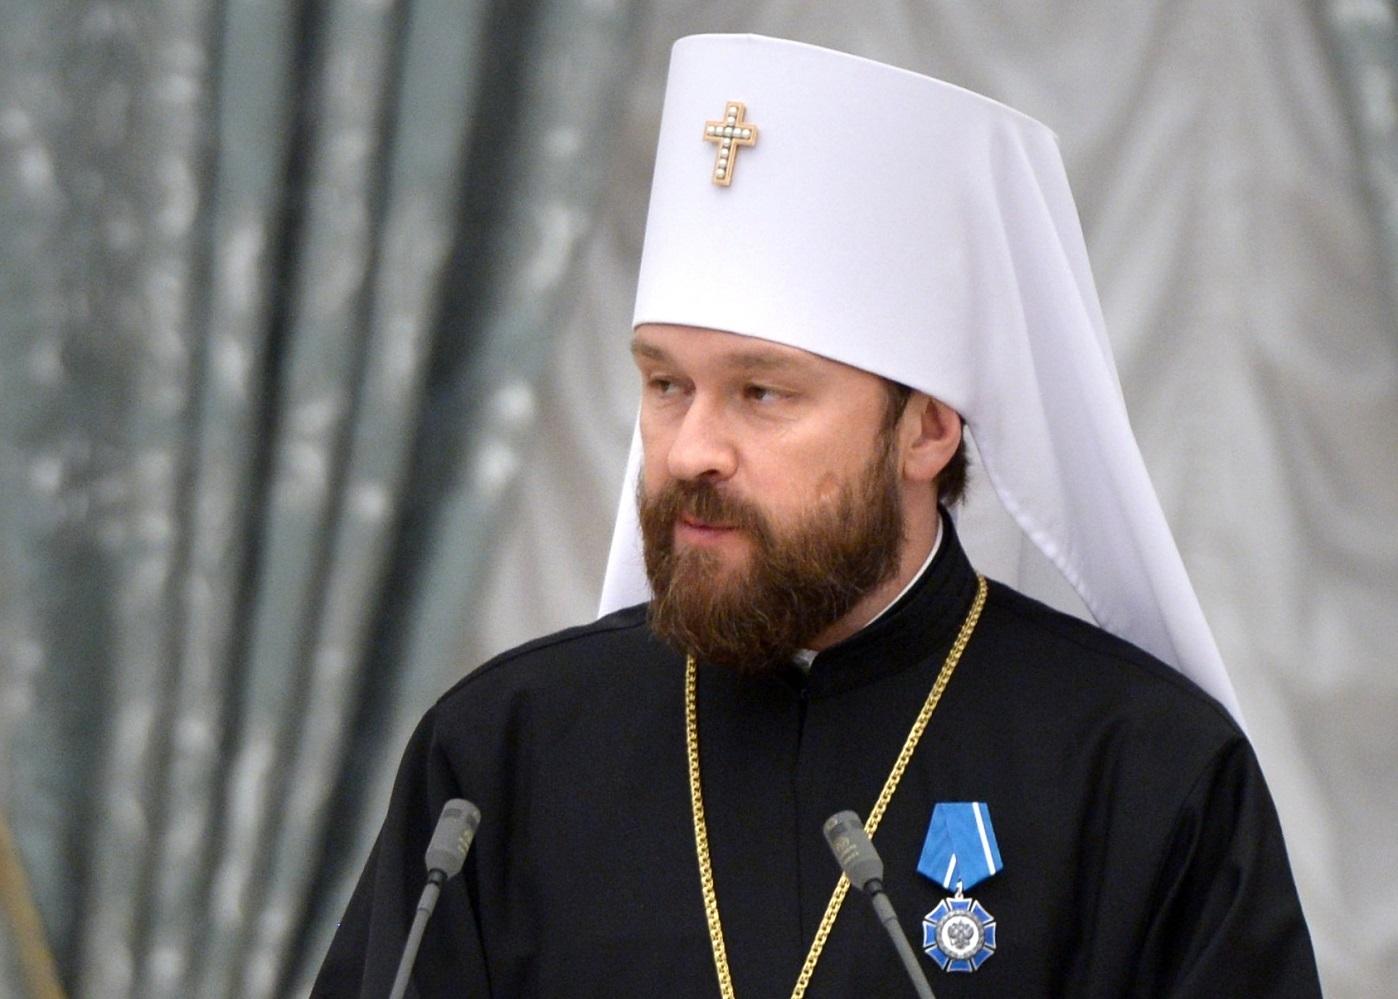 رئيس قسم العلاقات الخارجية في الكنيسة الأرثوذكسية الروسية، المتروبوليت هيلاريون